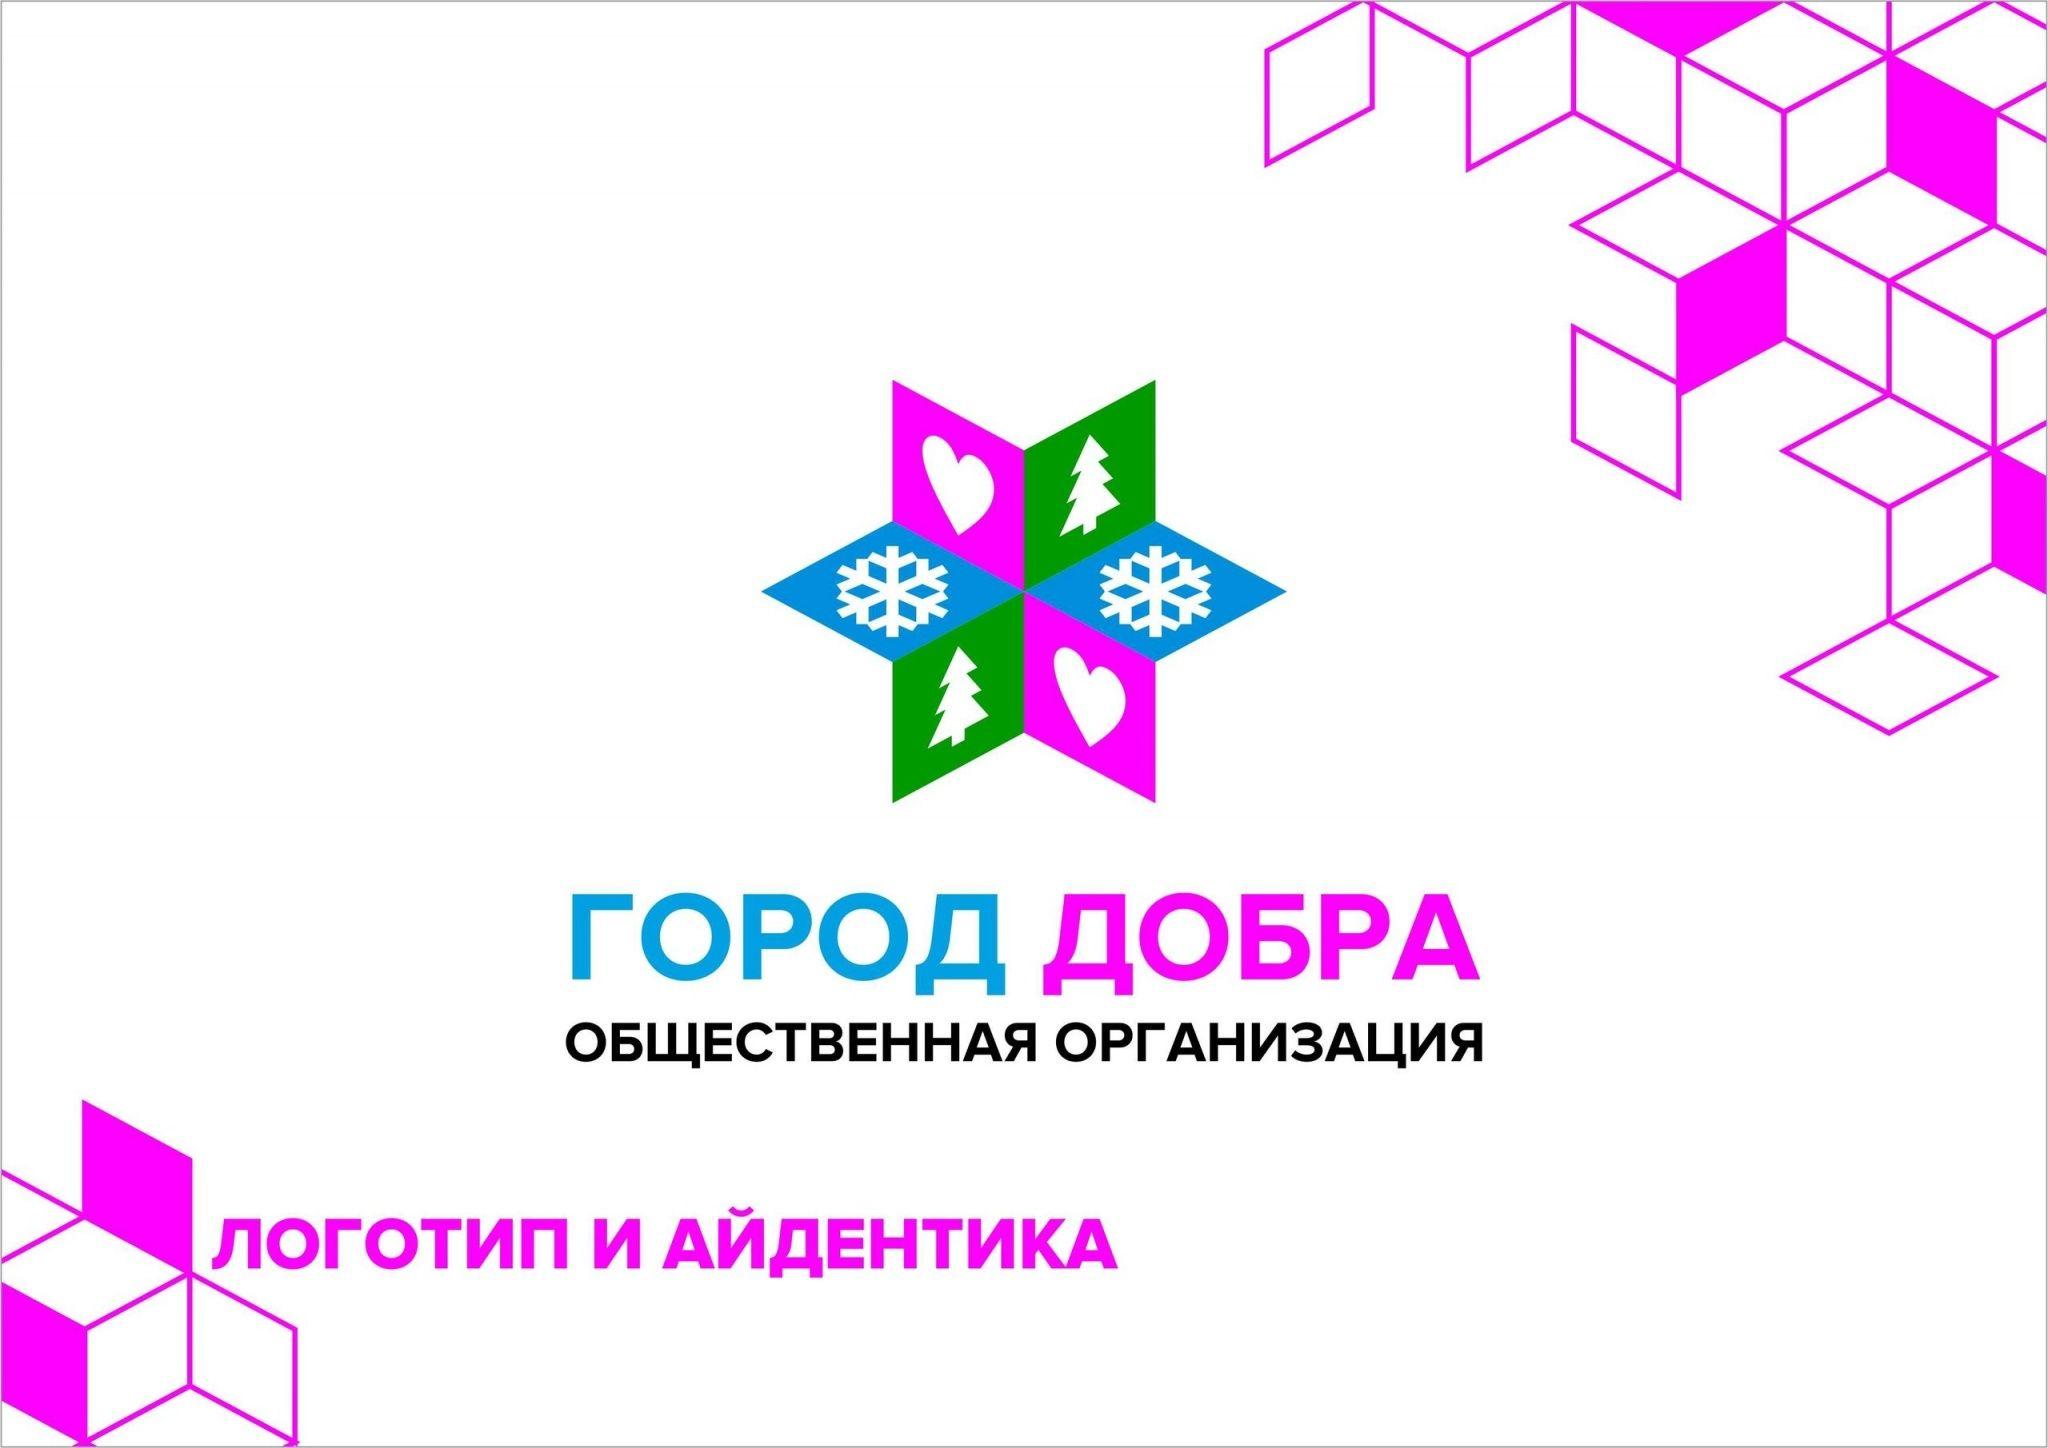 «Город добра»: добровольцам Якутска пора объединяться!